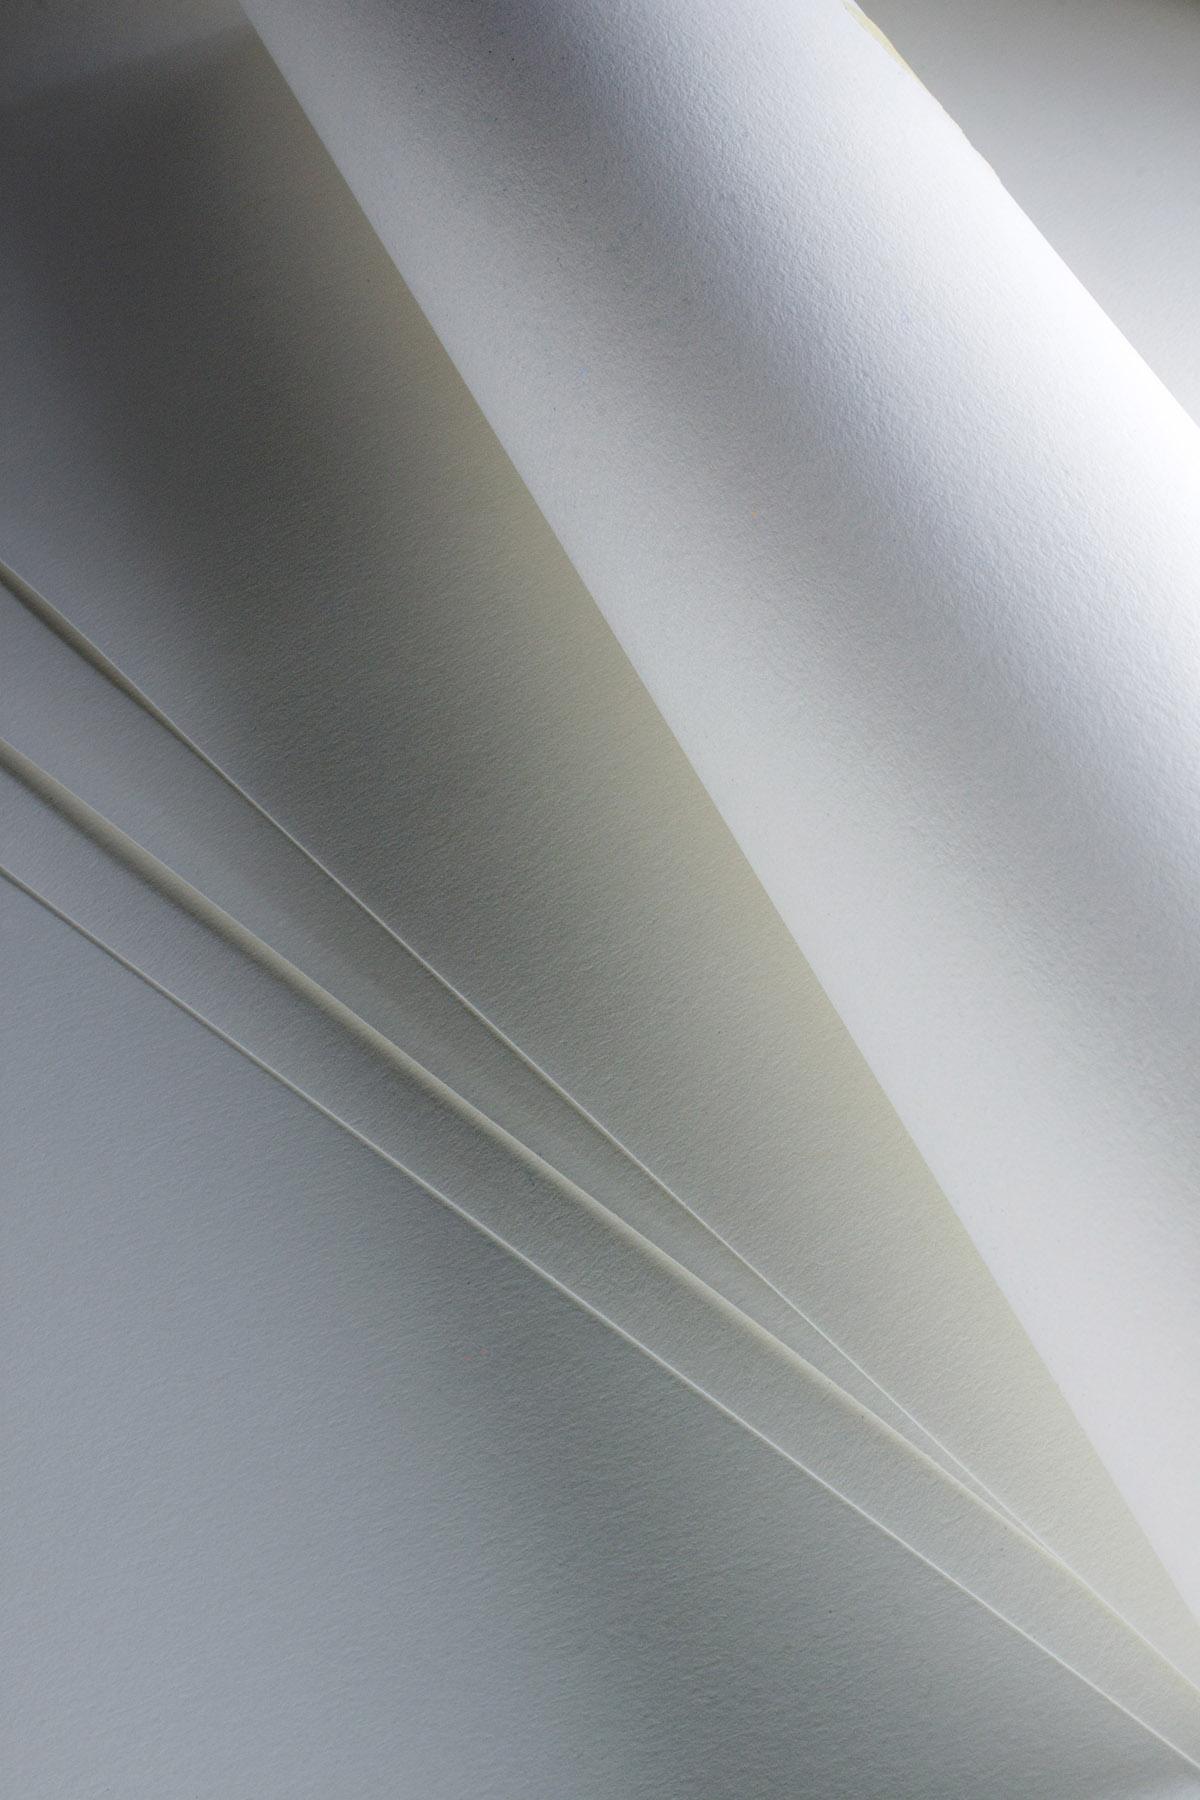 Бумага для рисования, зарисовок Fabriano Accademia 200г/м.кв 21x29,7см мелкозернистая 100л/упак